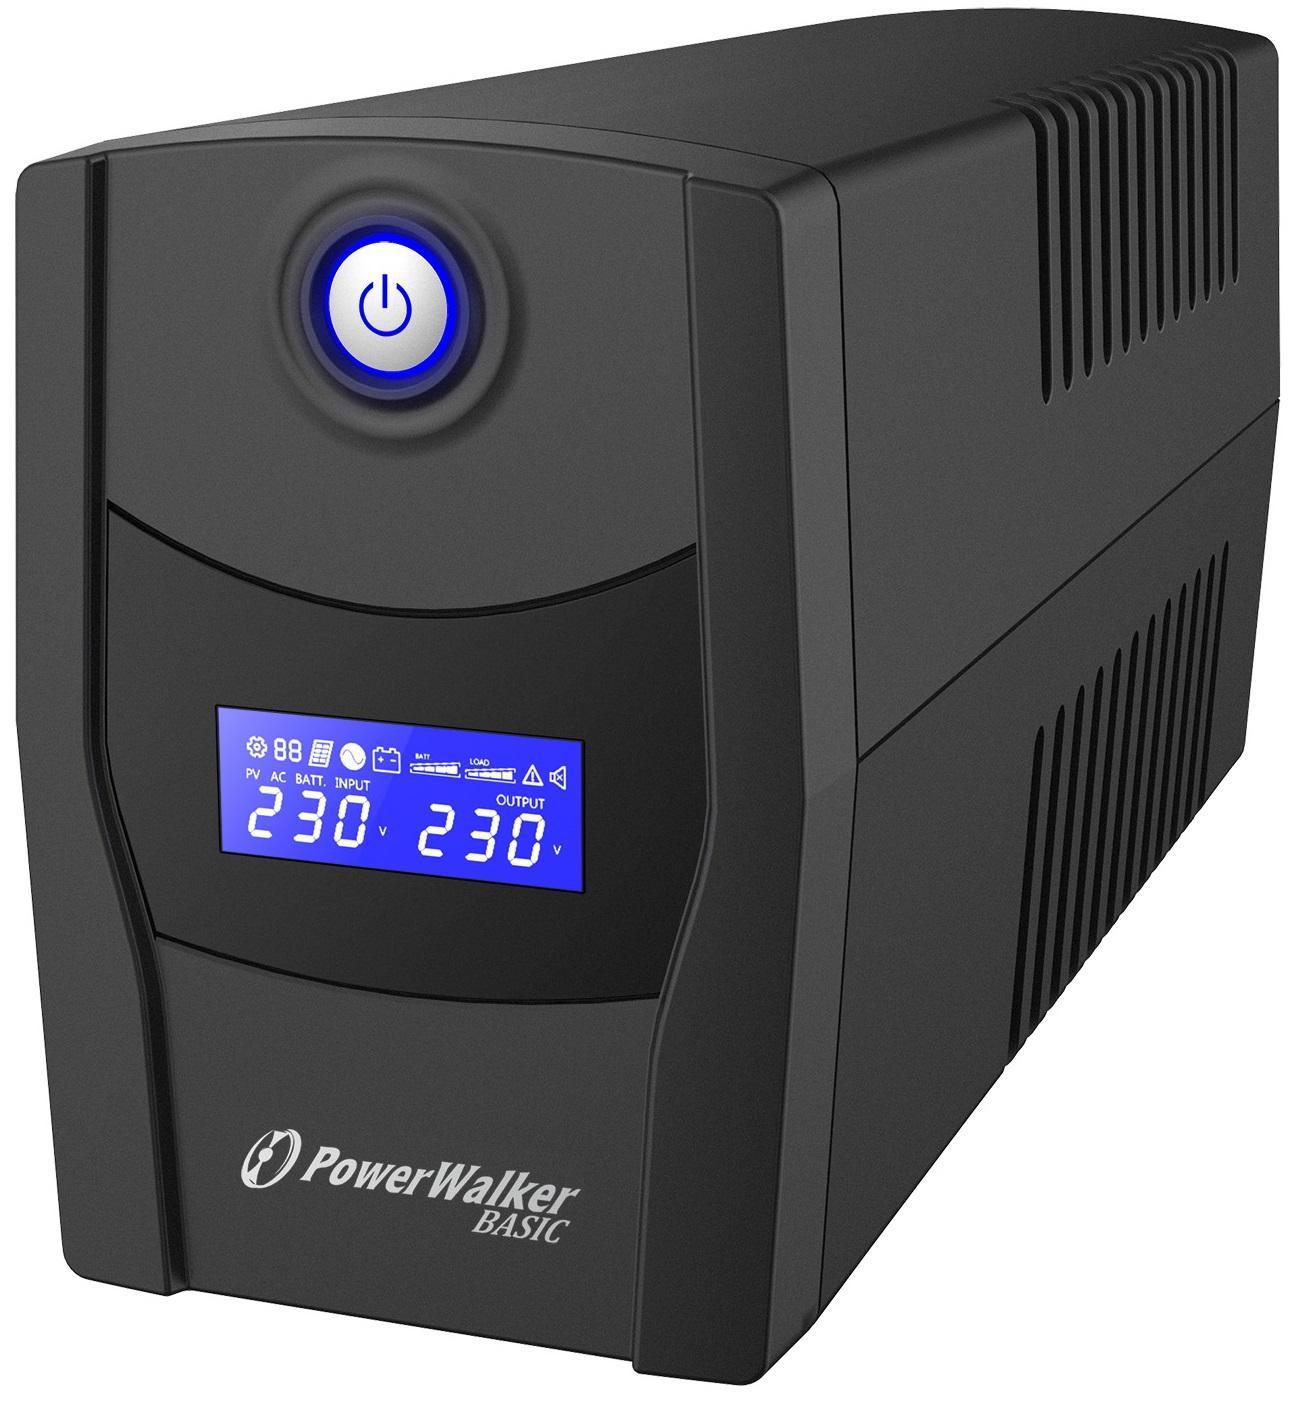 UPS POWERWALKER VI 1000 STL, 1000VA Line Interactive